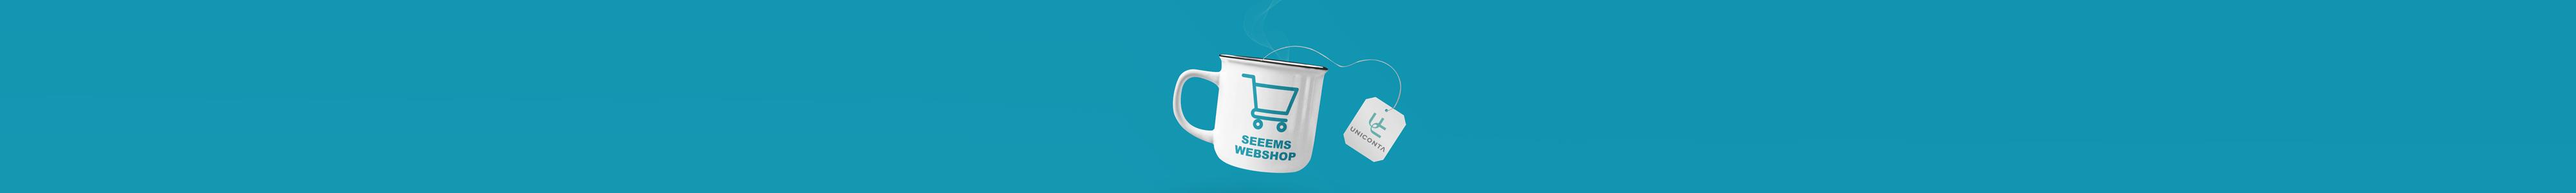 Komplet webshop integreret med Uniconta